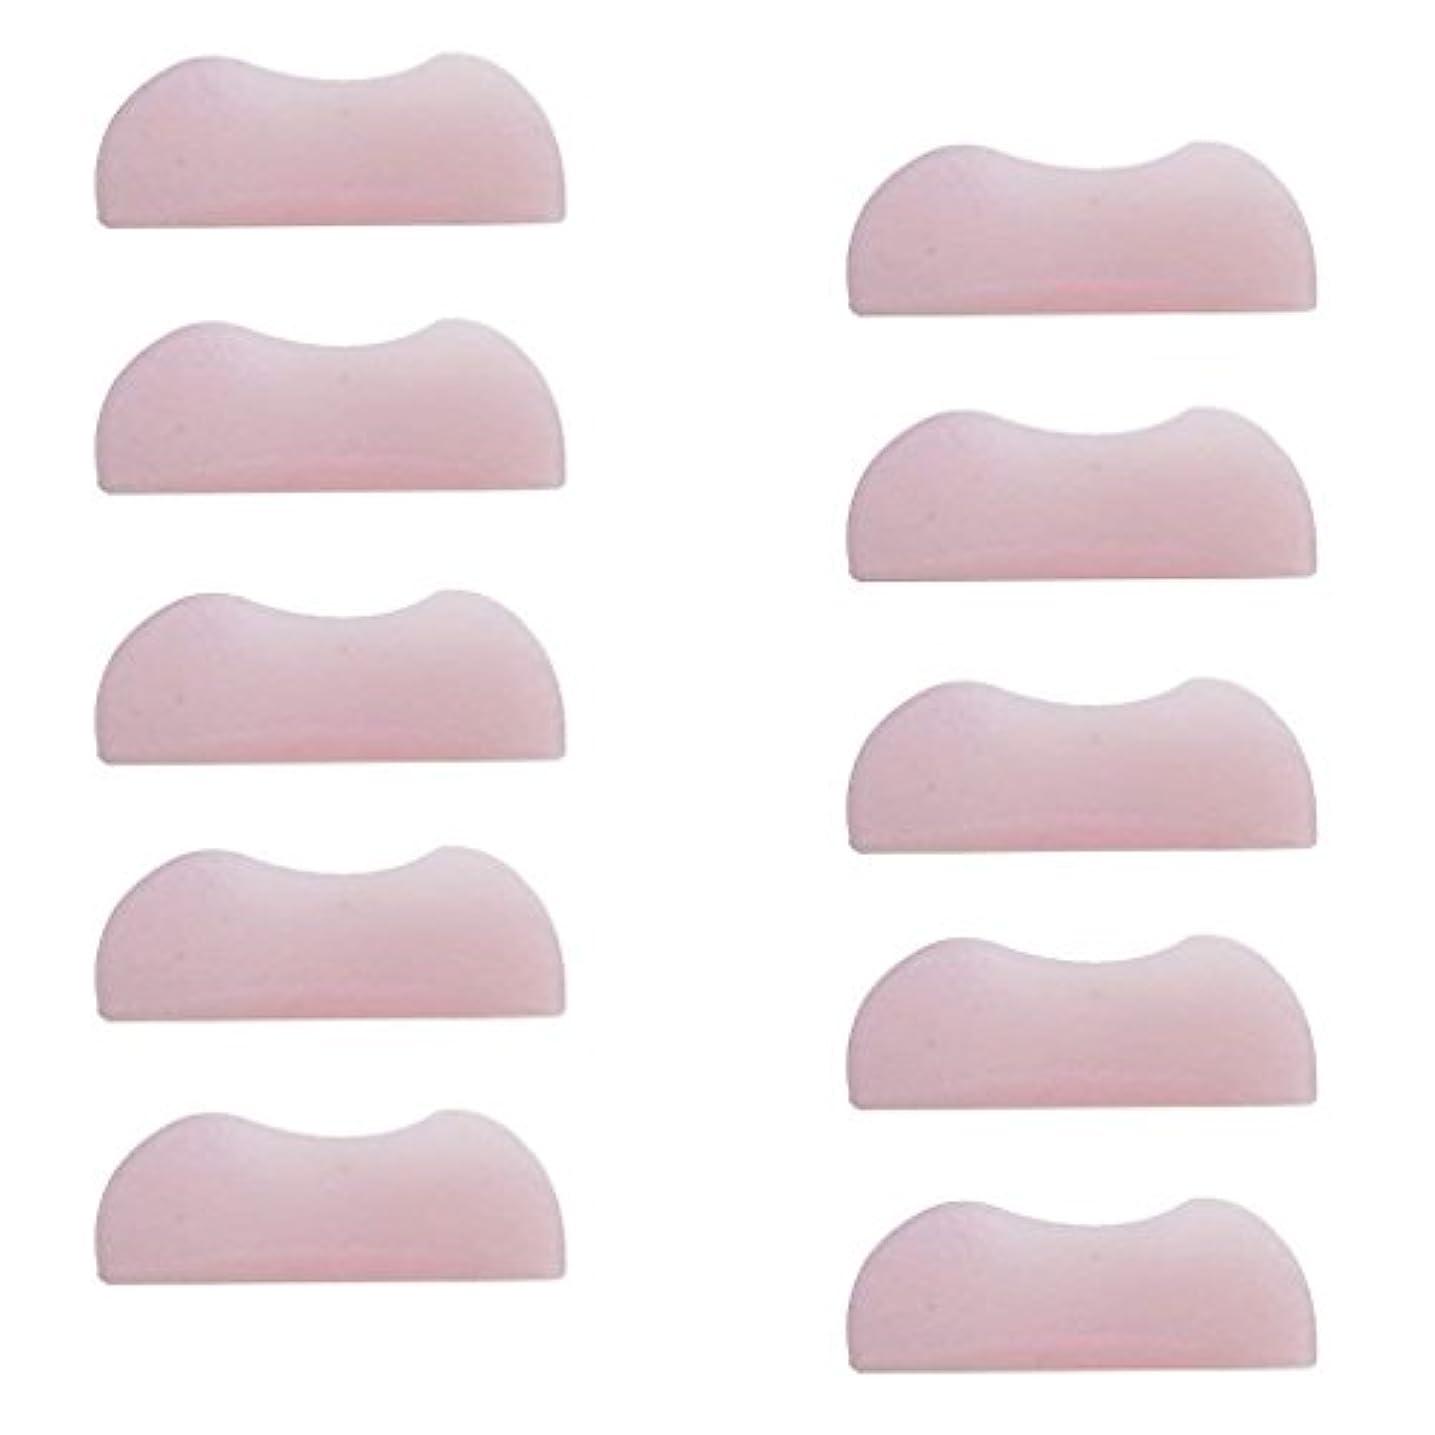 愛情深い自明グレートオーク5組 シリコンのまつげパッド まつげ美容用のまつげパーツキット